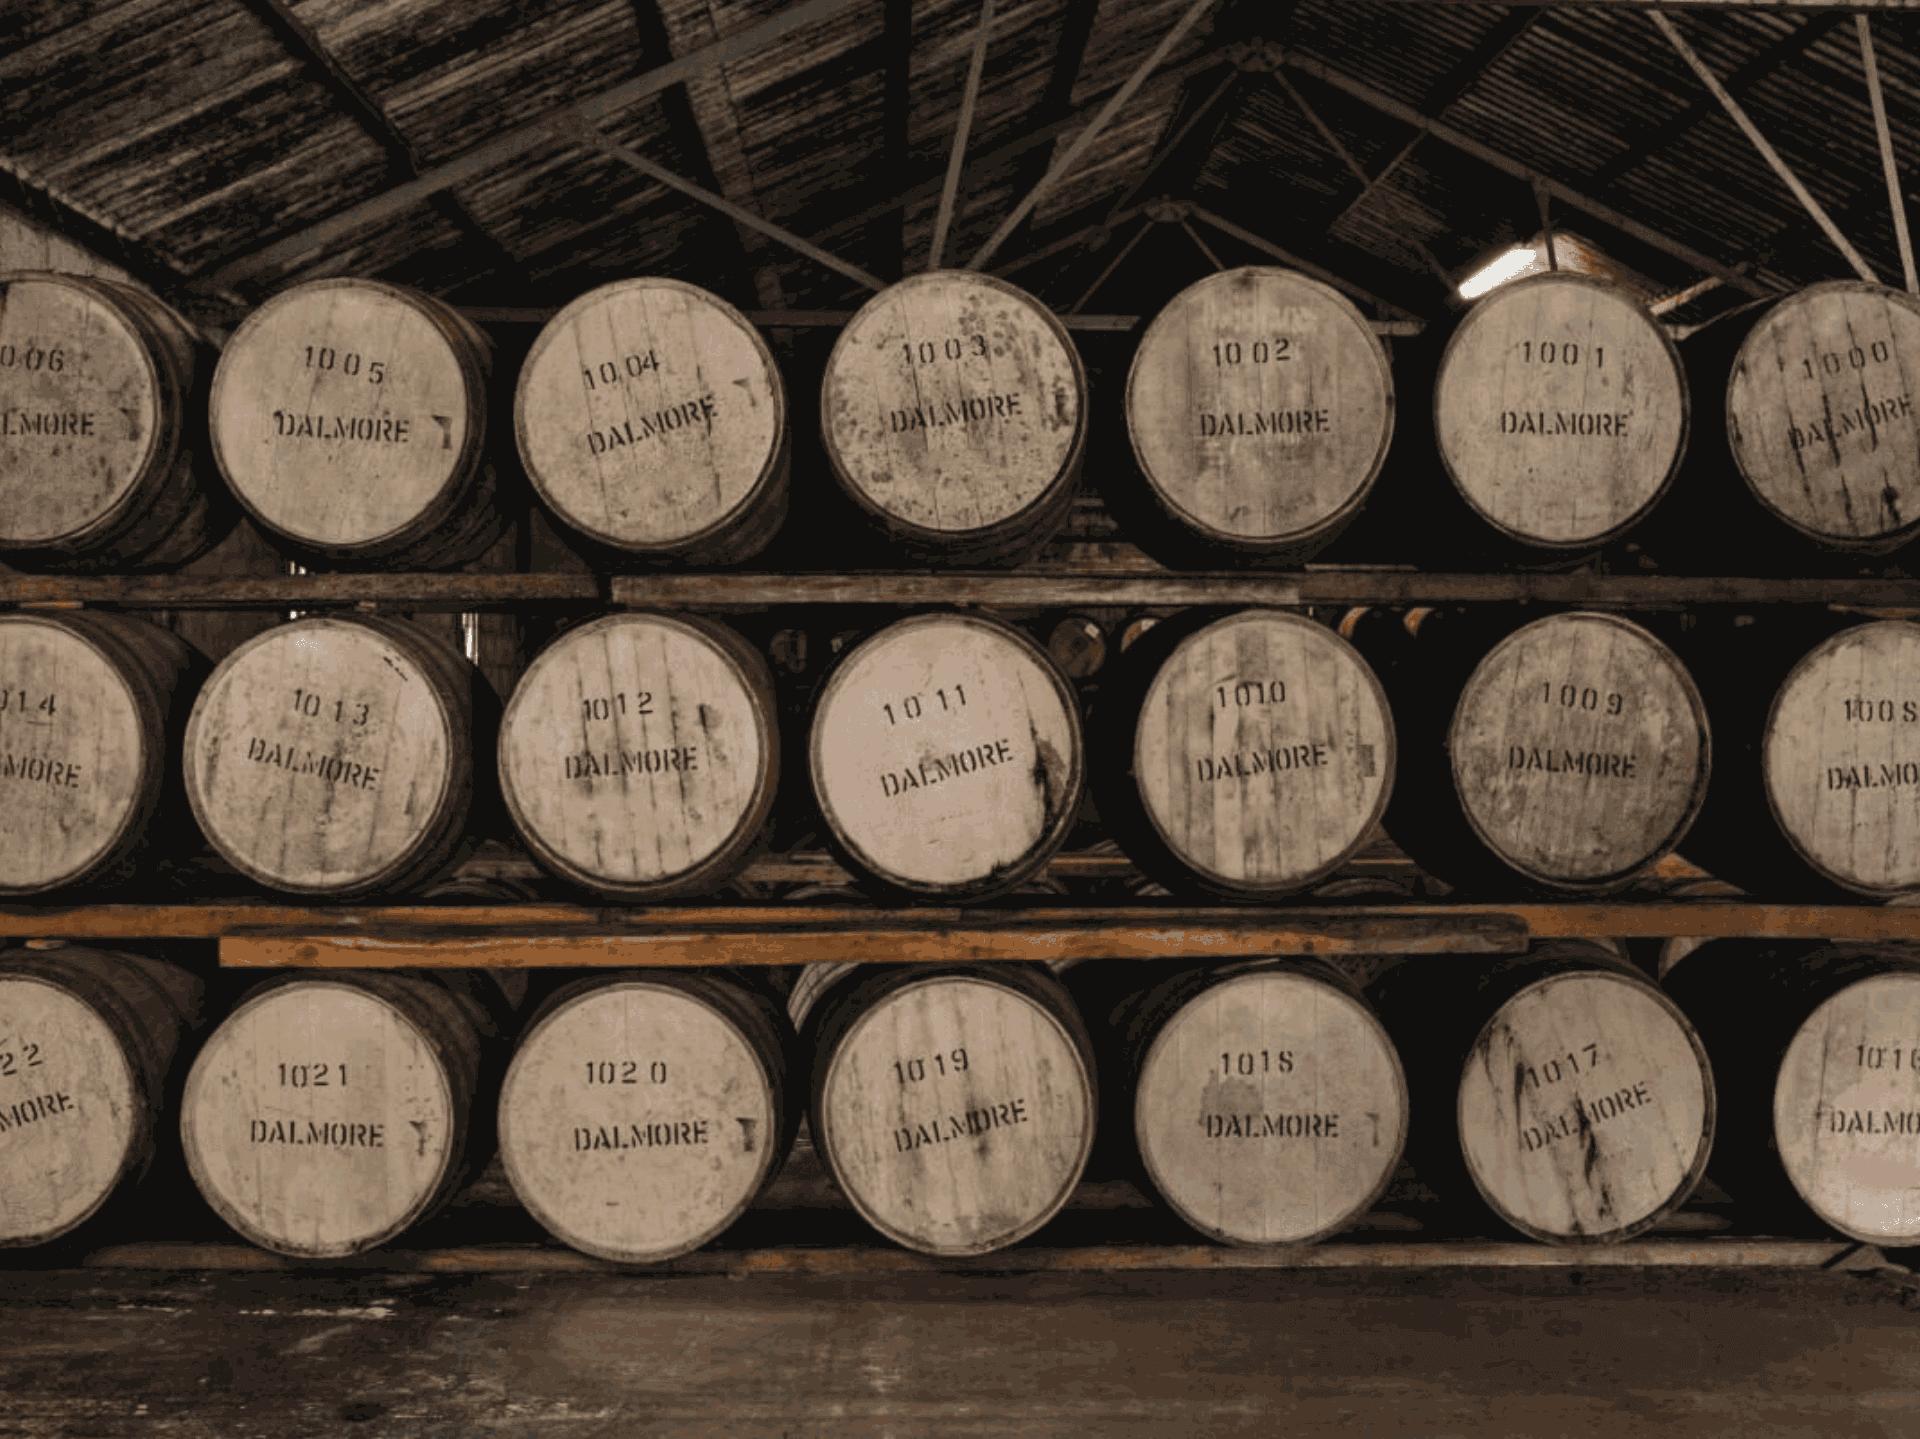 Rare Scotch Whisky Investment 101 Webinar